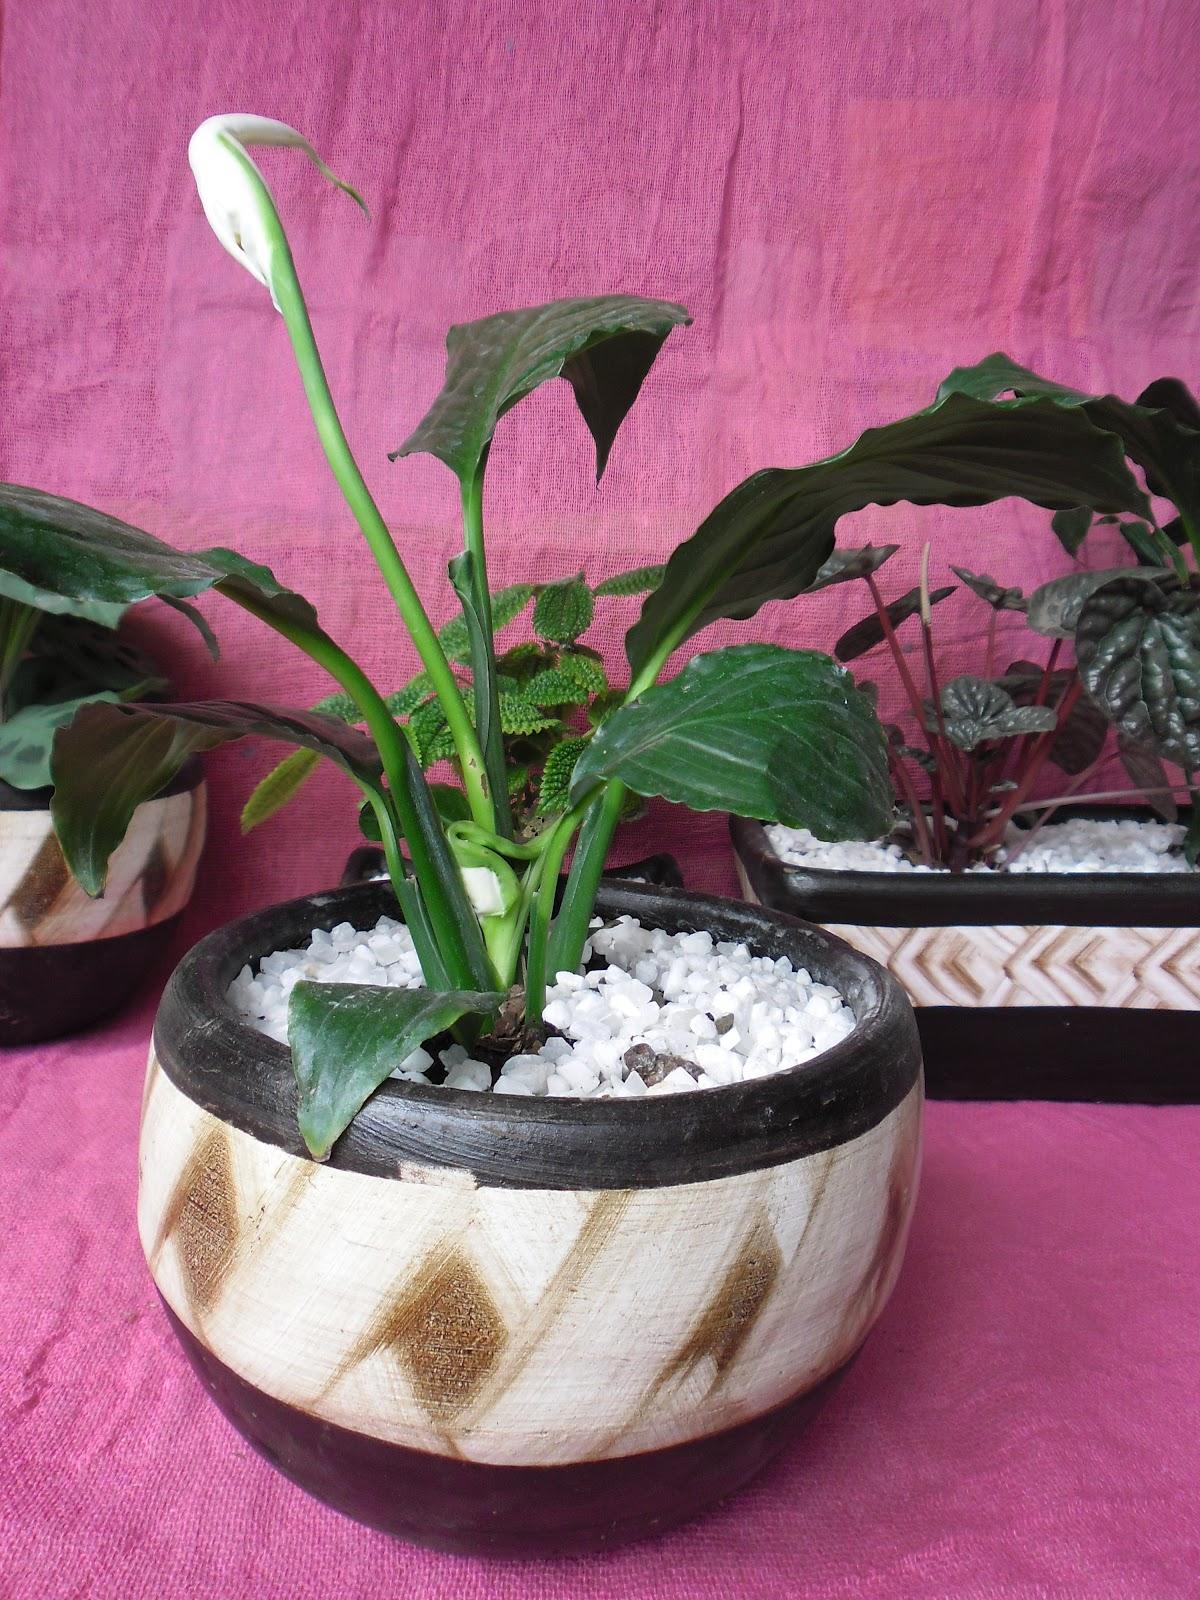 Flores mexicanas piante e fiori regala belleza - Planta cuna de moises ...